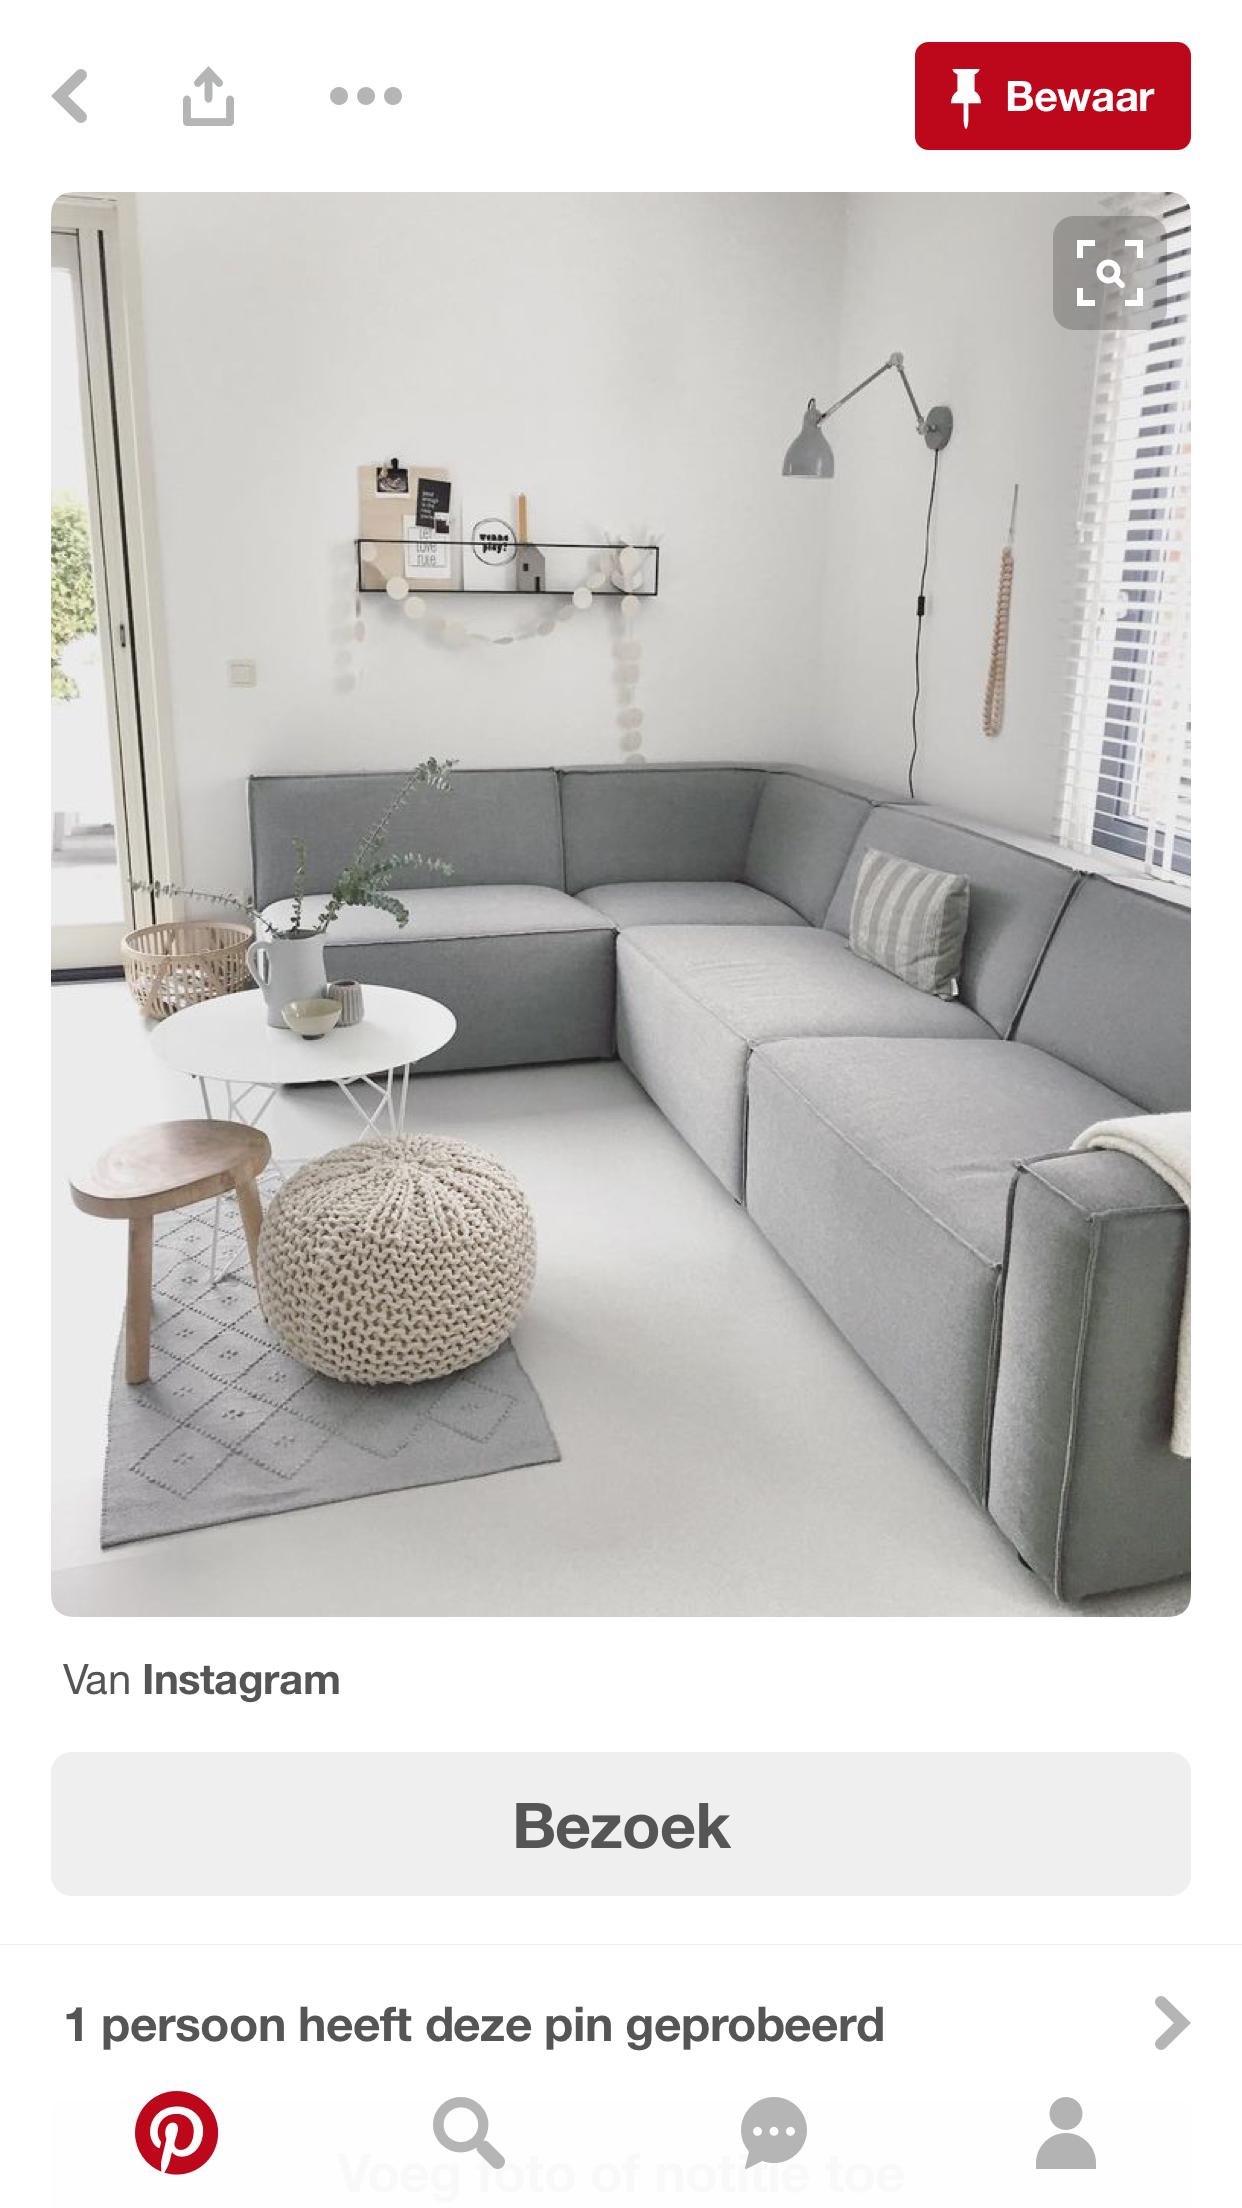 Pin von Jeannette Marie auf Apartment stuff | Pinterest | Einrichten ...